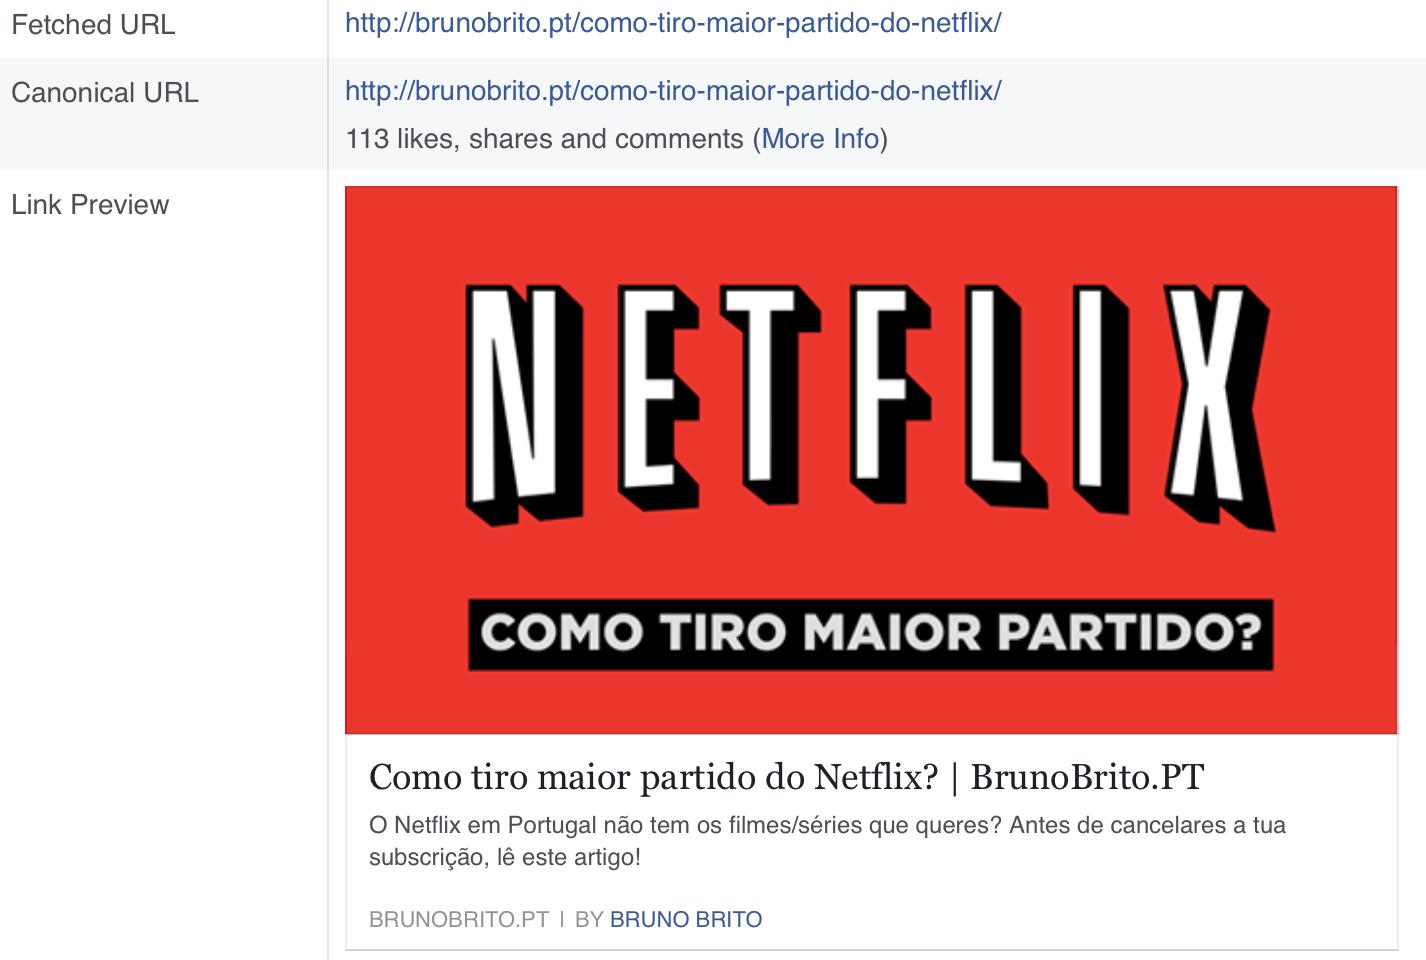 Facebook Debugger em acção